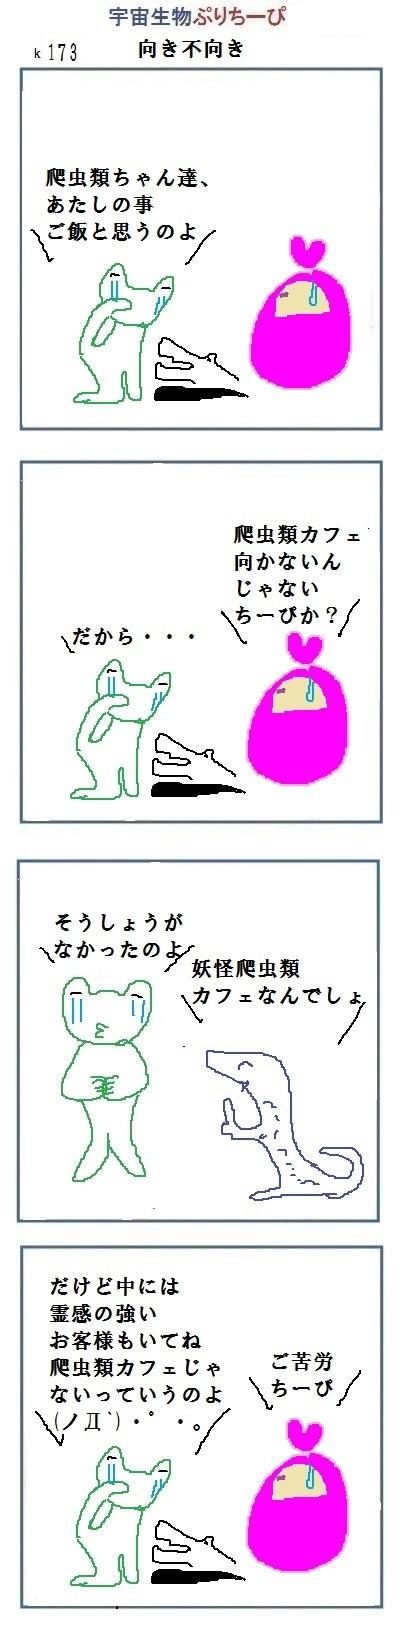 20161108213951ea3.jpg